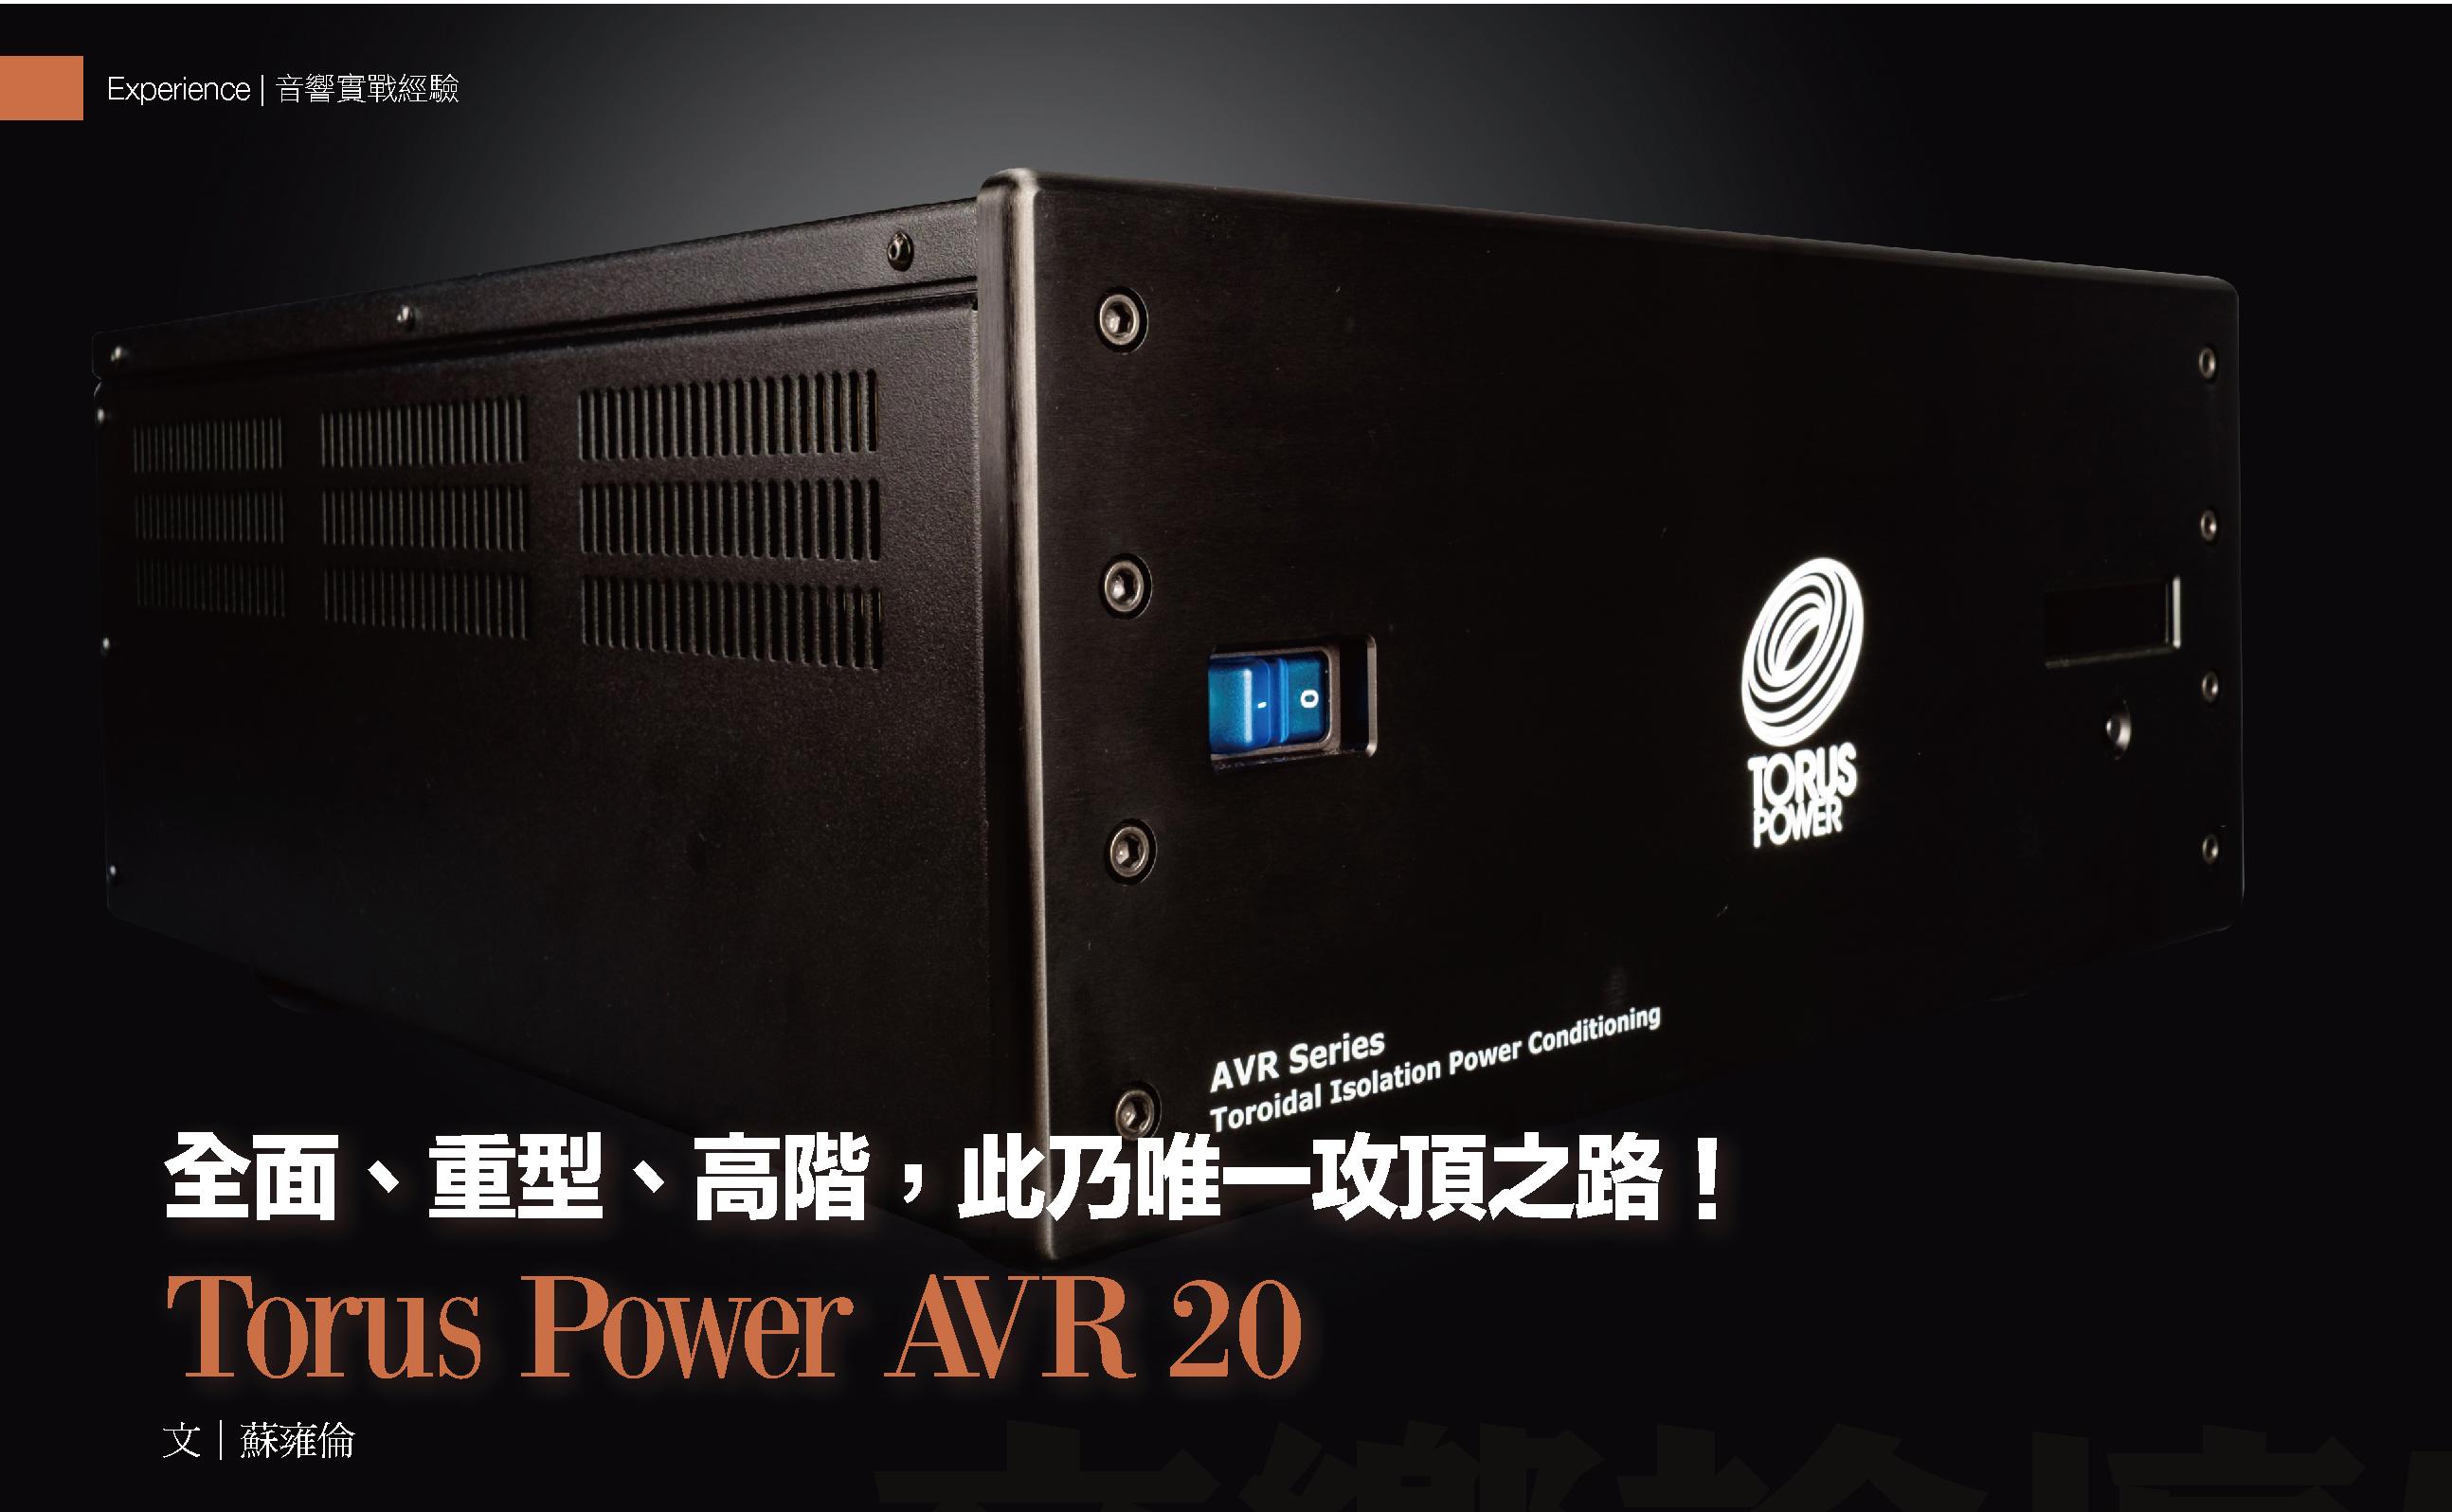 Torus Power AVR 20 頂級環形隔離電源處理器